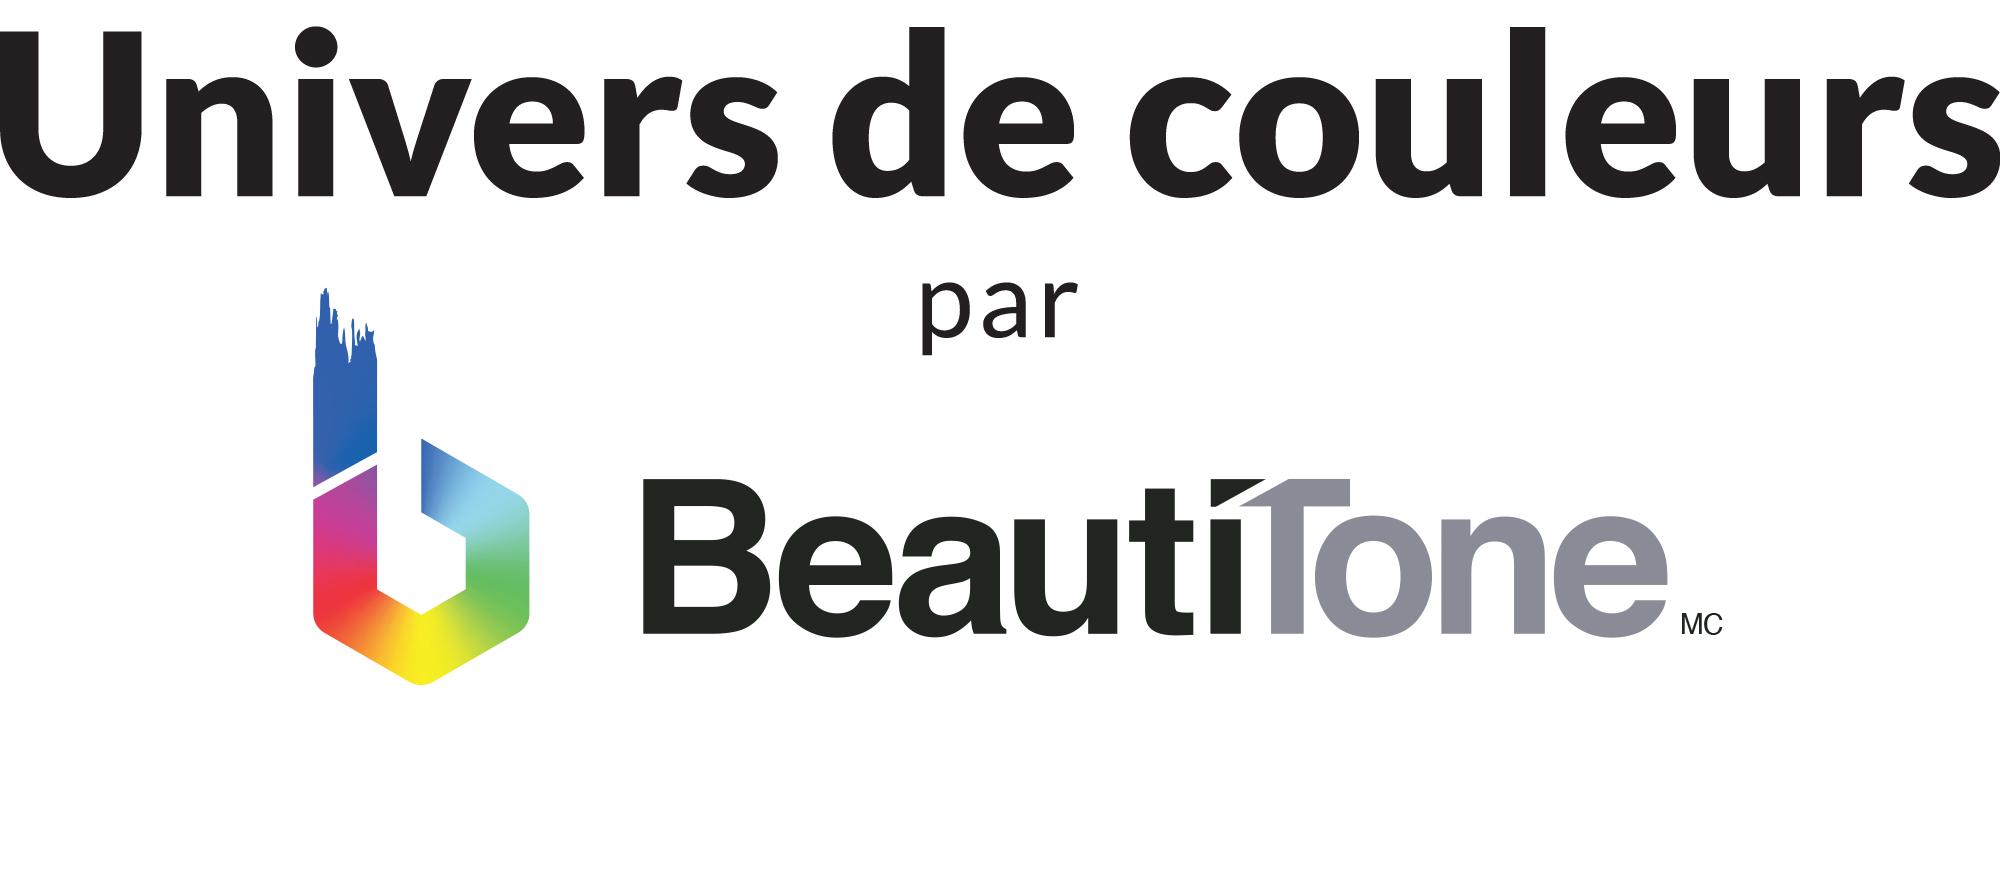 Univers de couleurs par BeautiTone